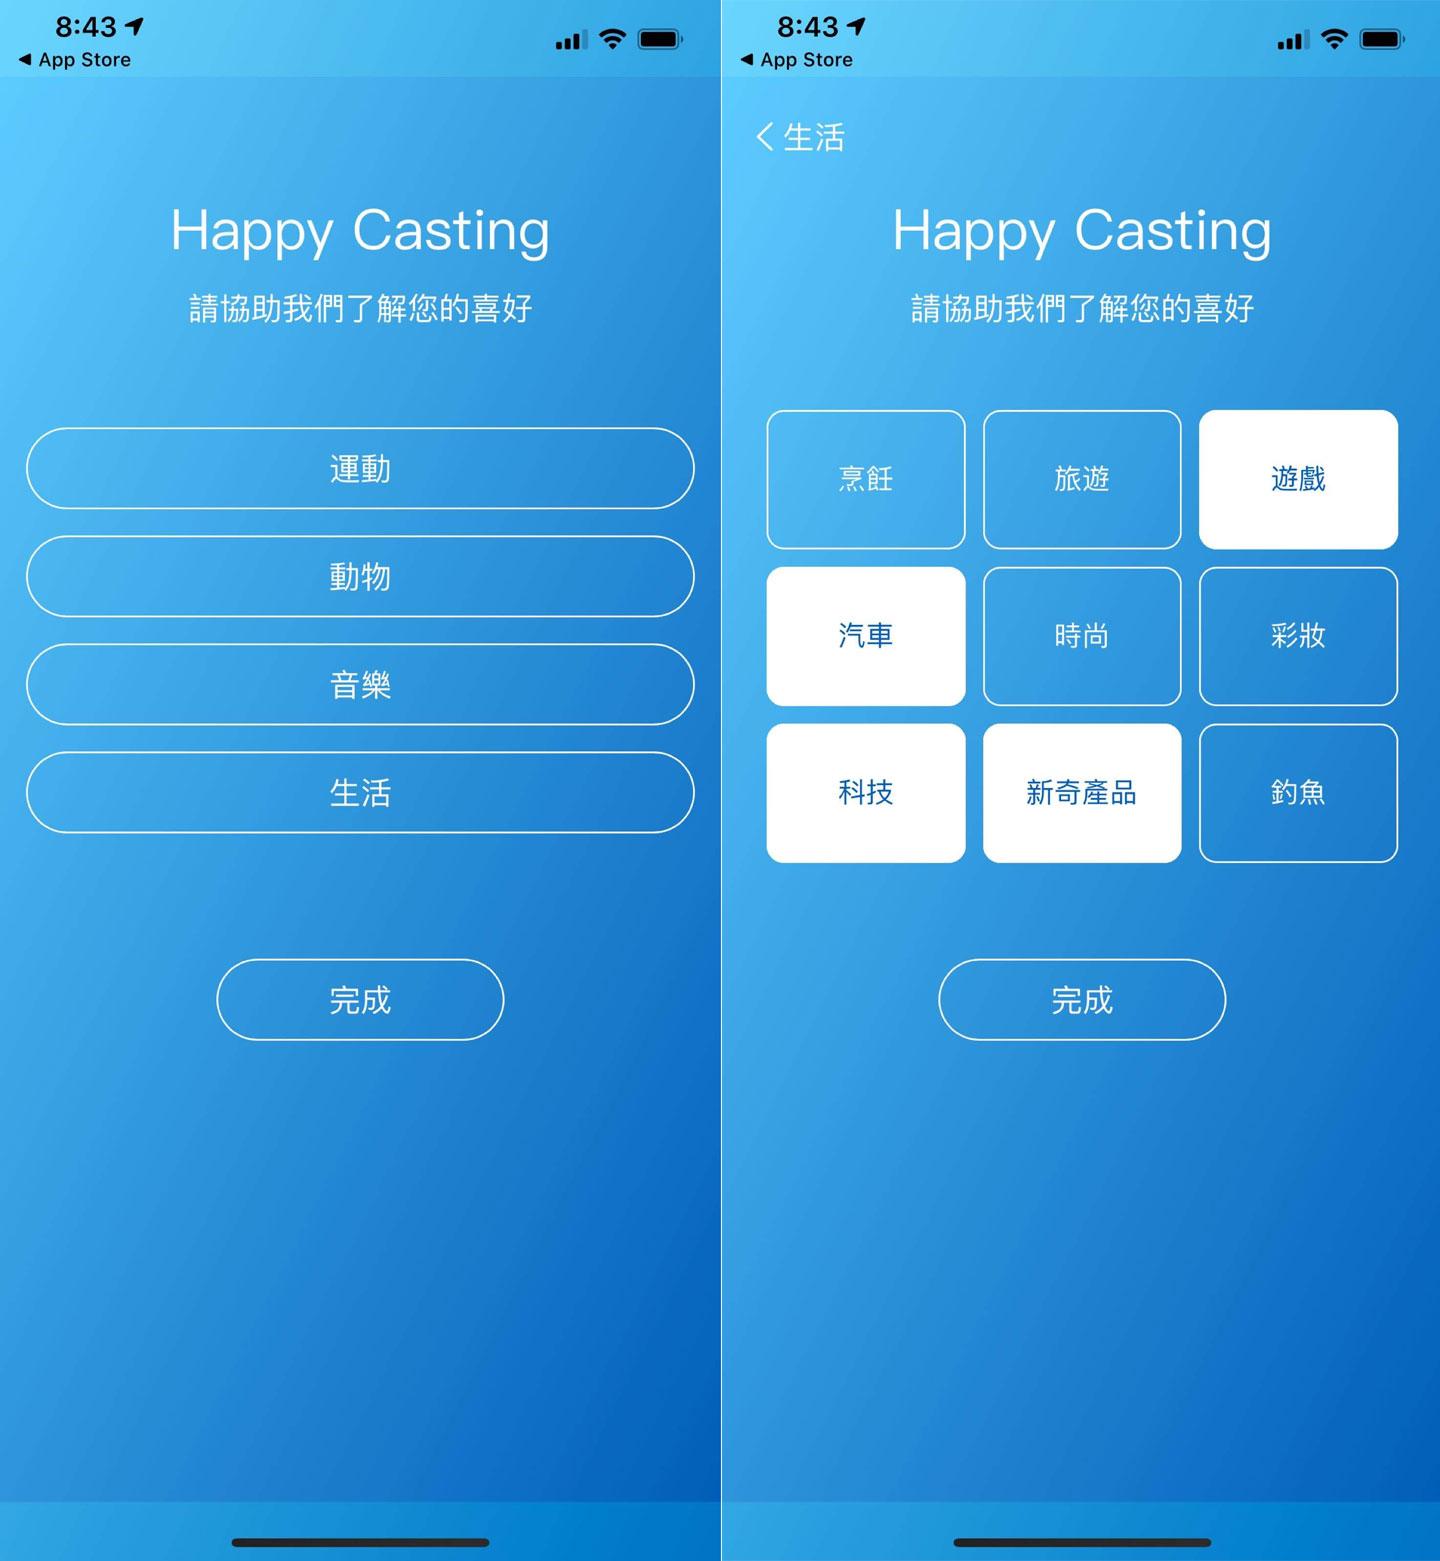 接著應用程式會詢問我們喜好的內容類型以進行影音內容的推薦,即可完成基本設定。